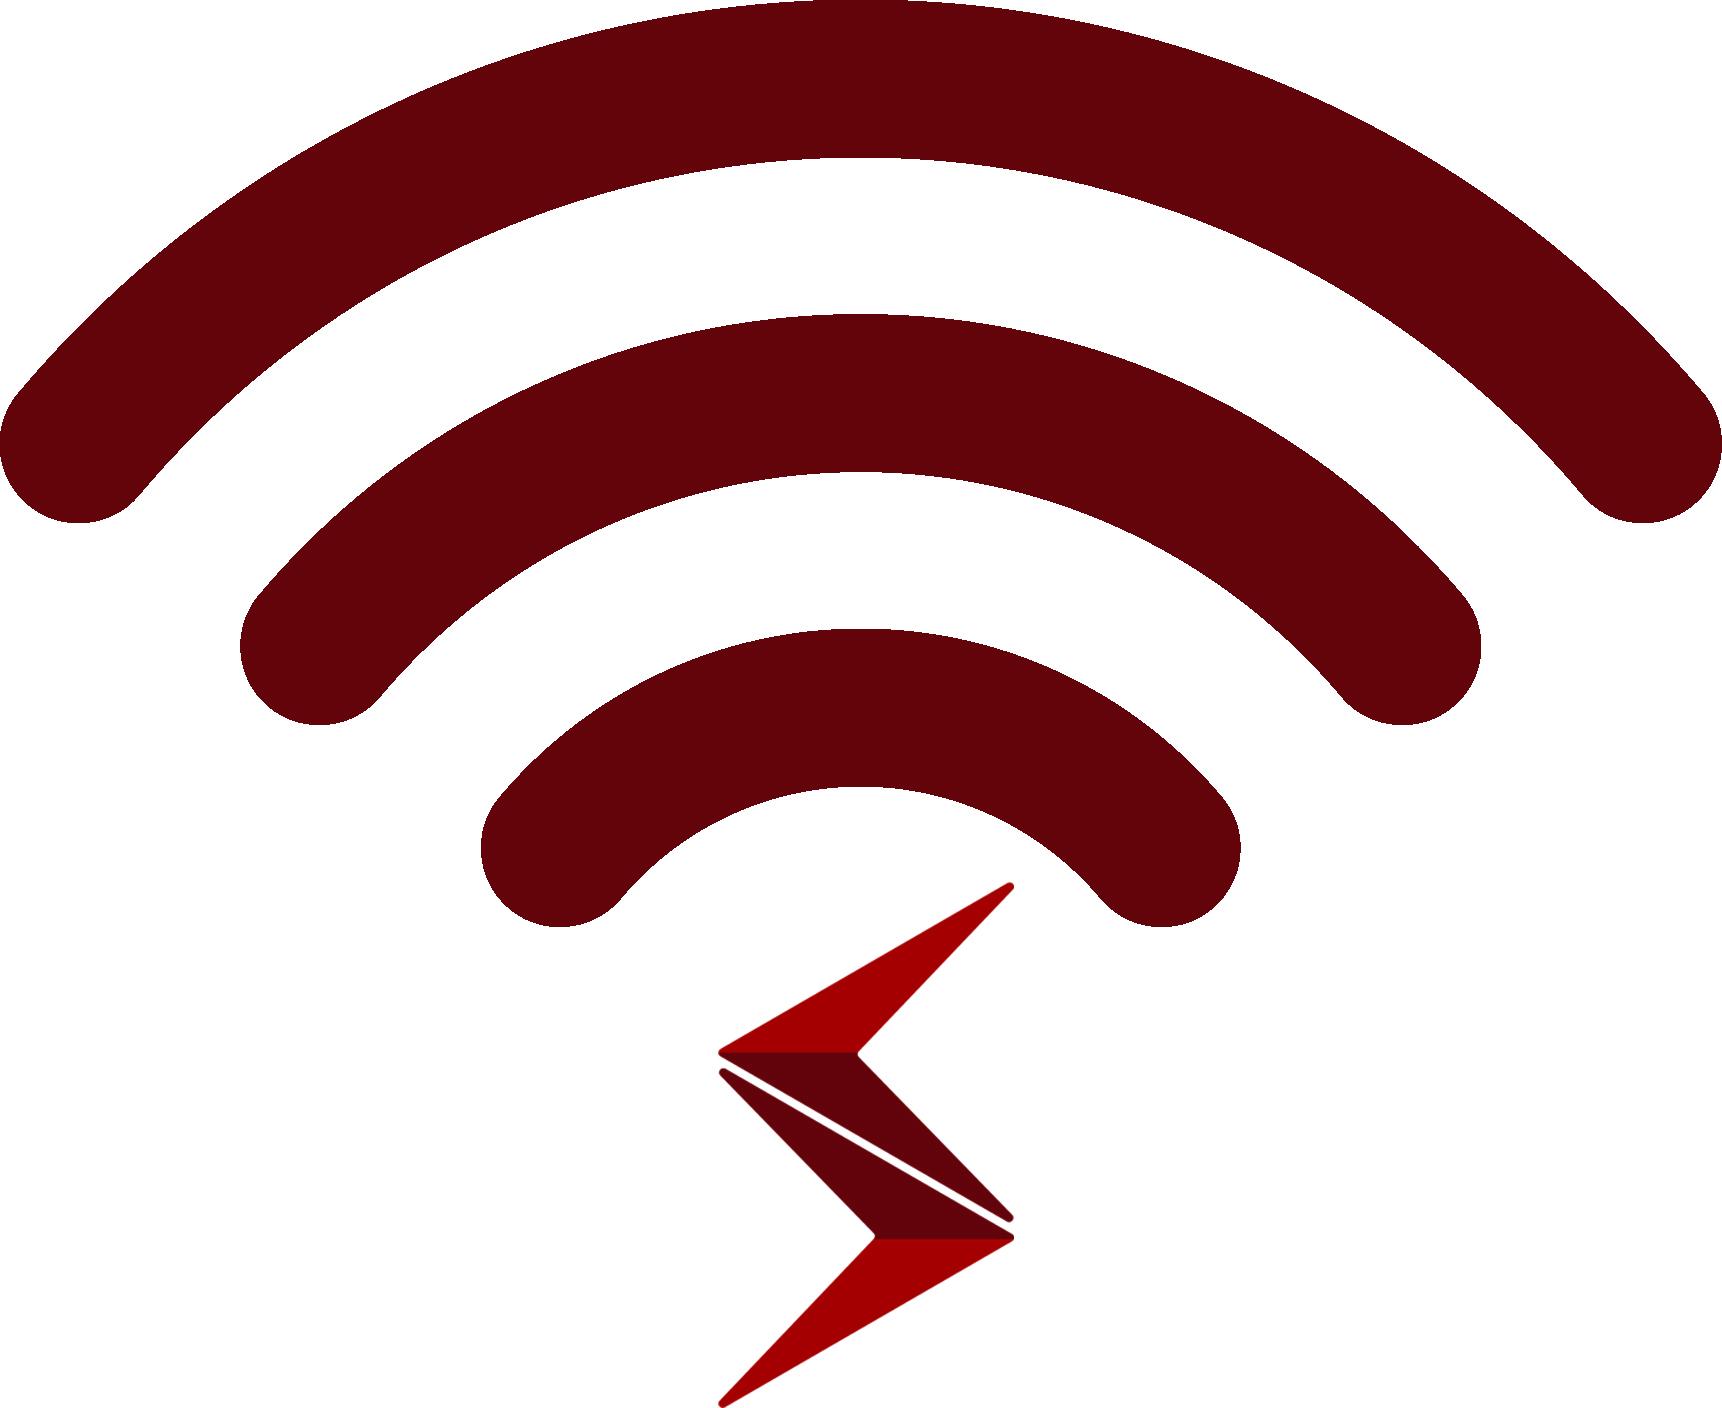 Symm_WiFi.jpg